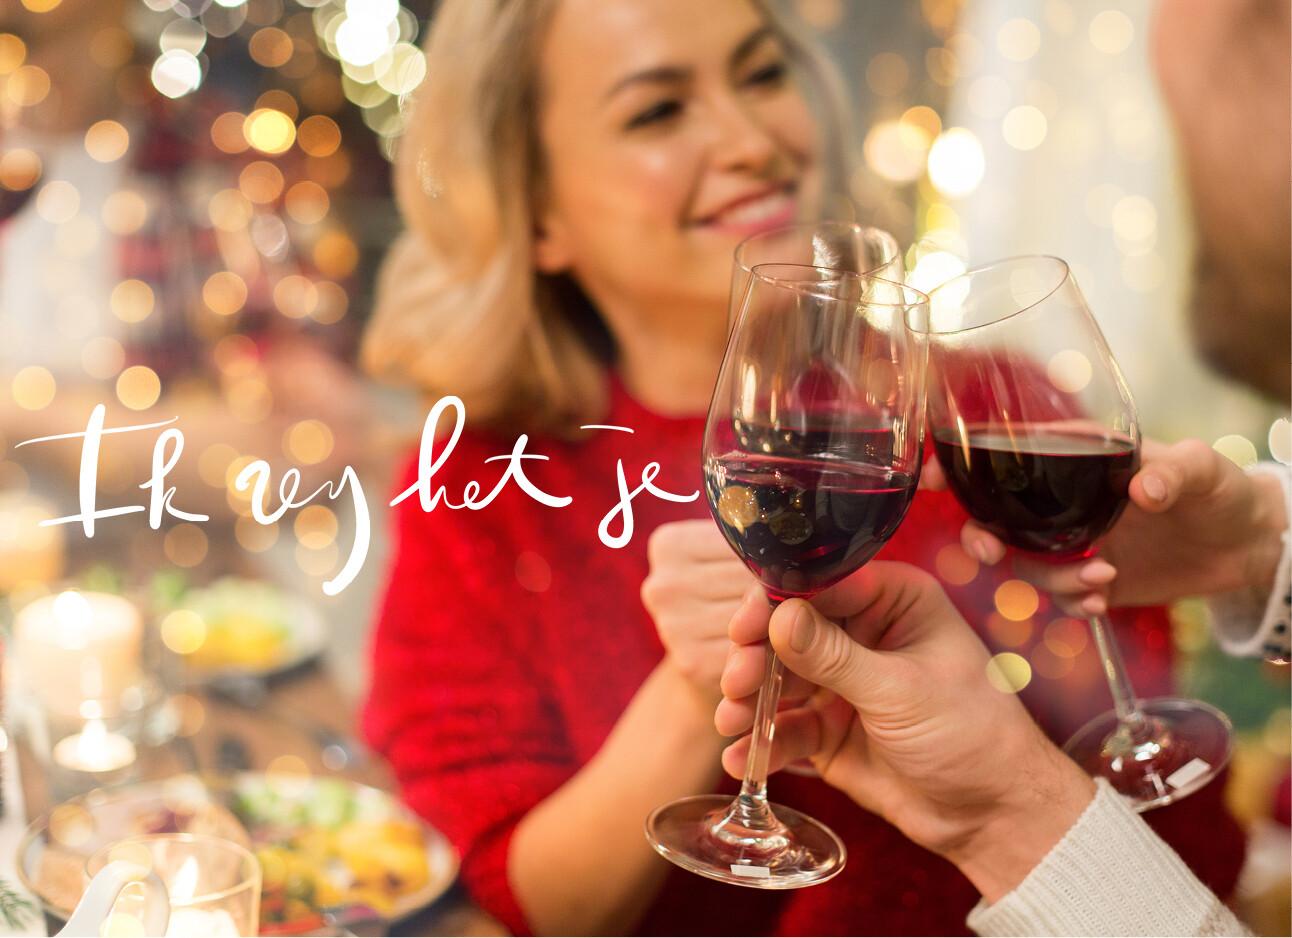 rode wijn vrouw rode trui proost